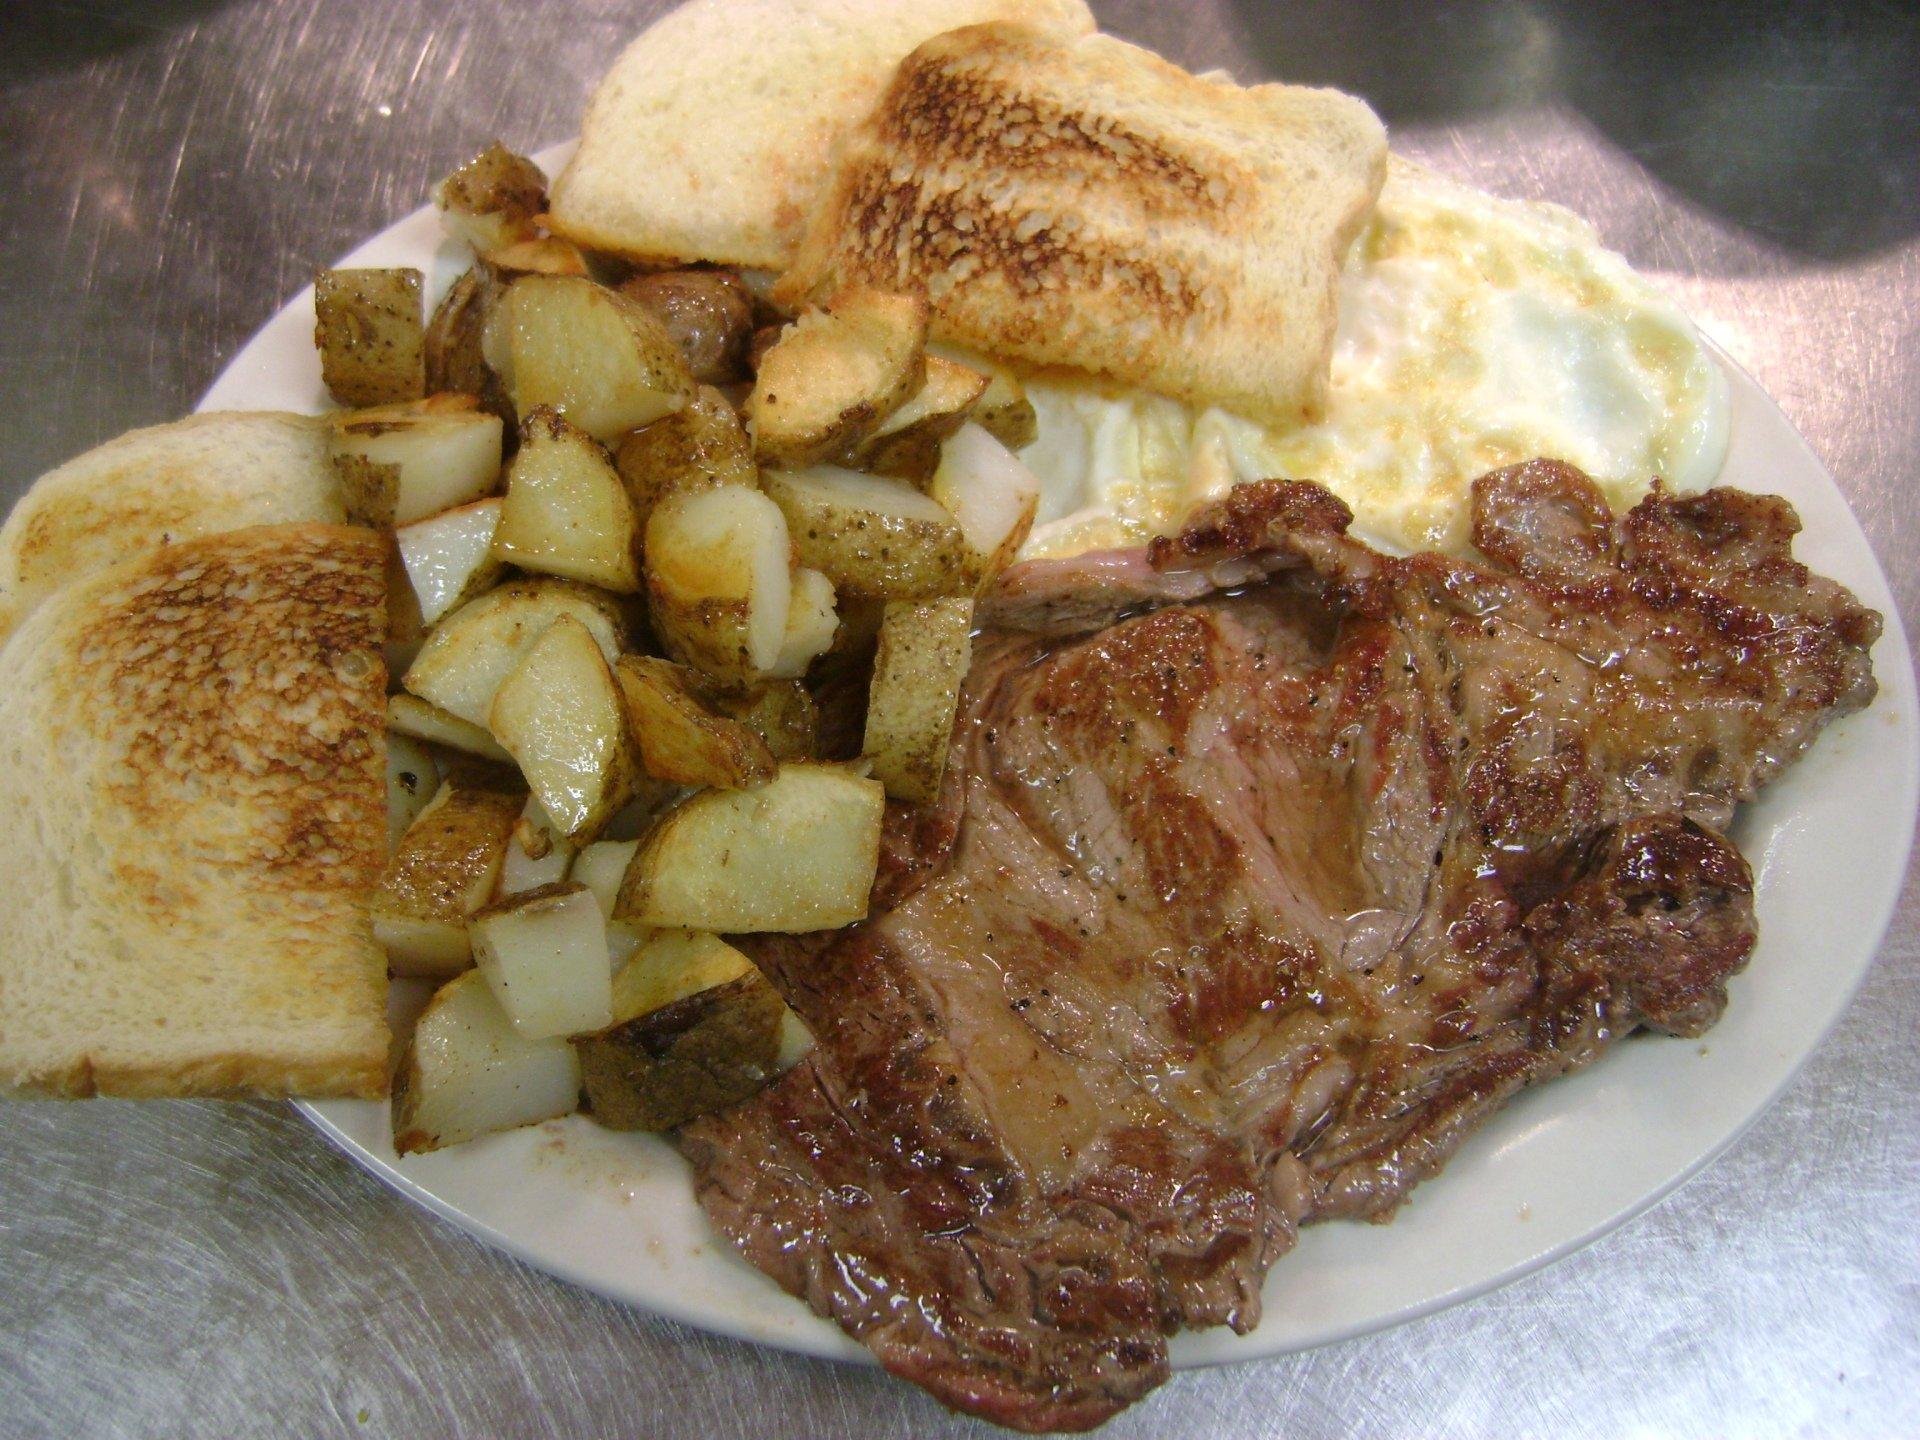 Peshtigo Corral Family Restaurant image 2